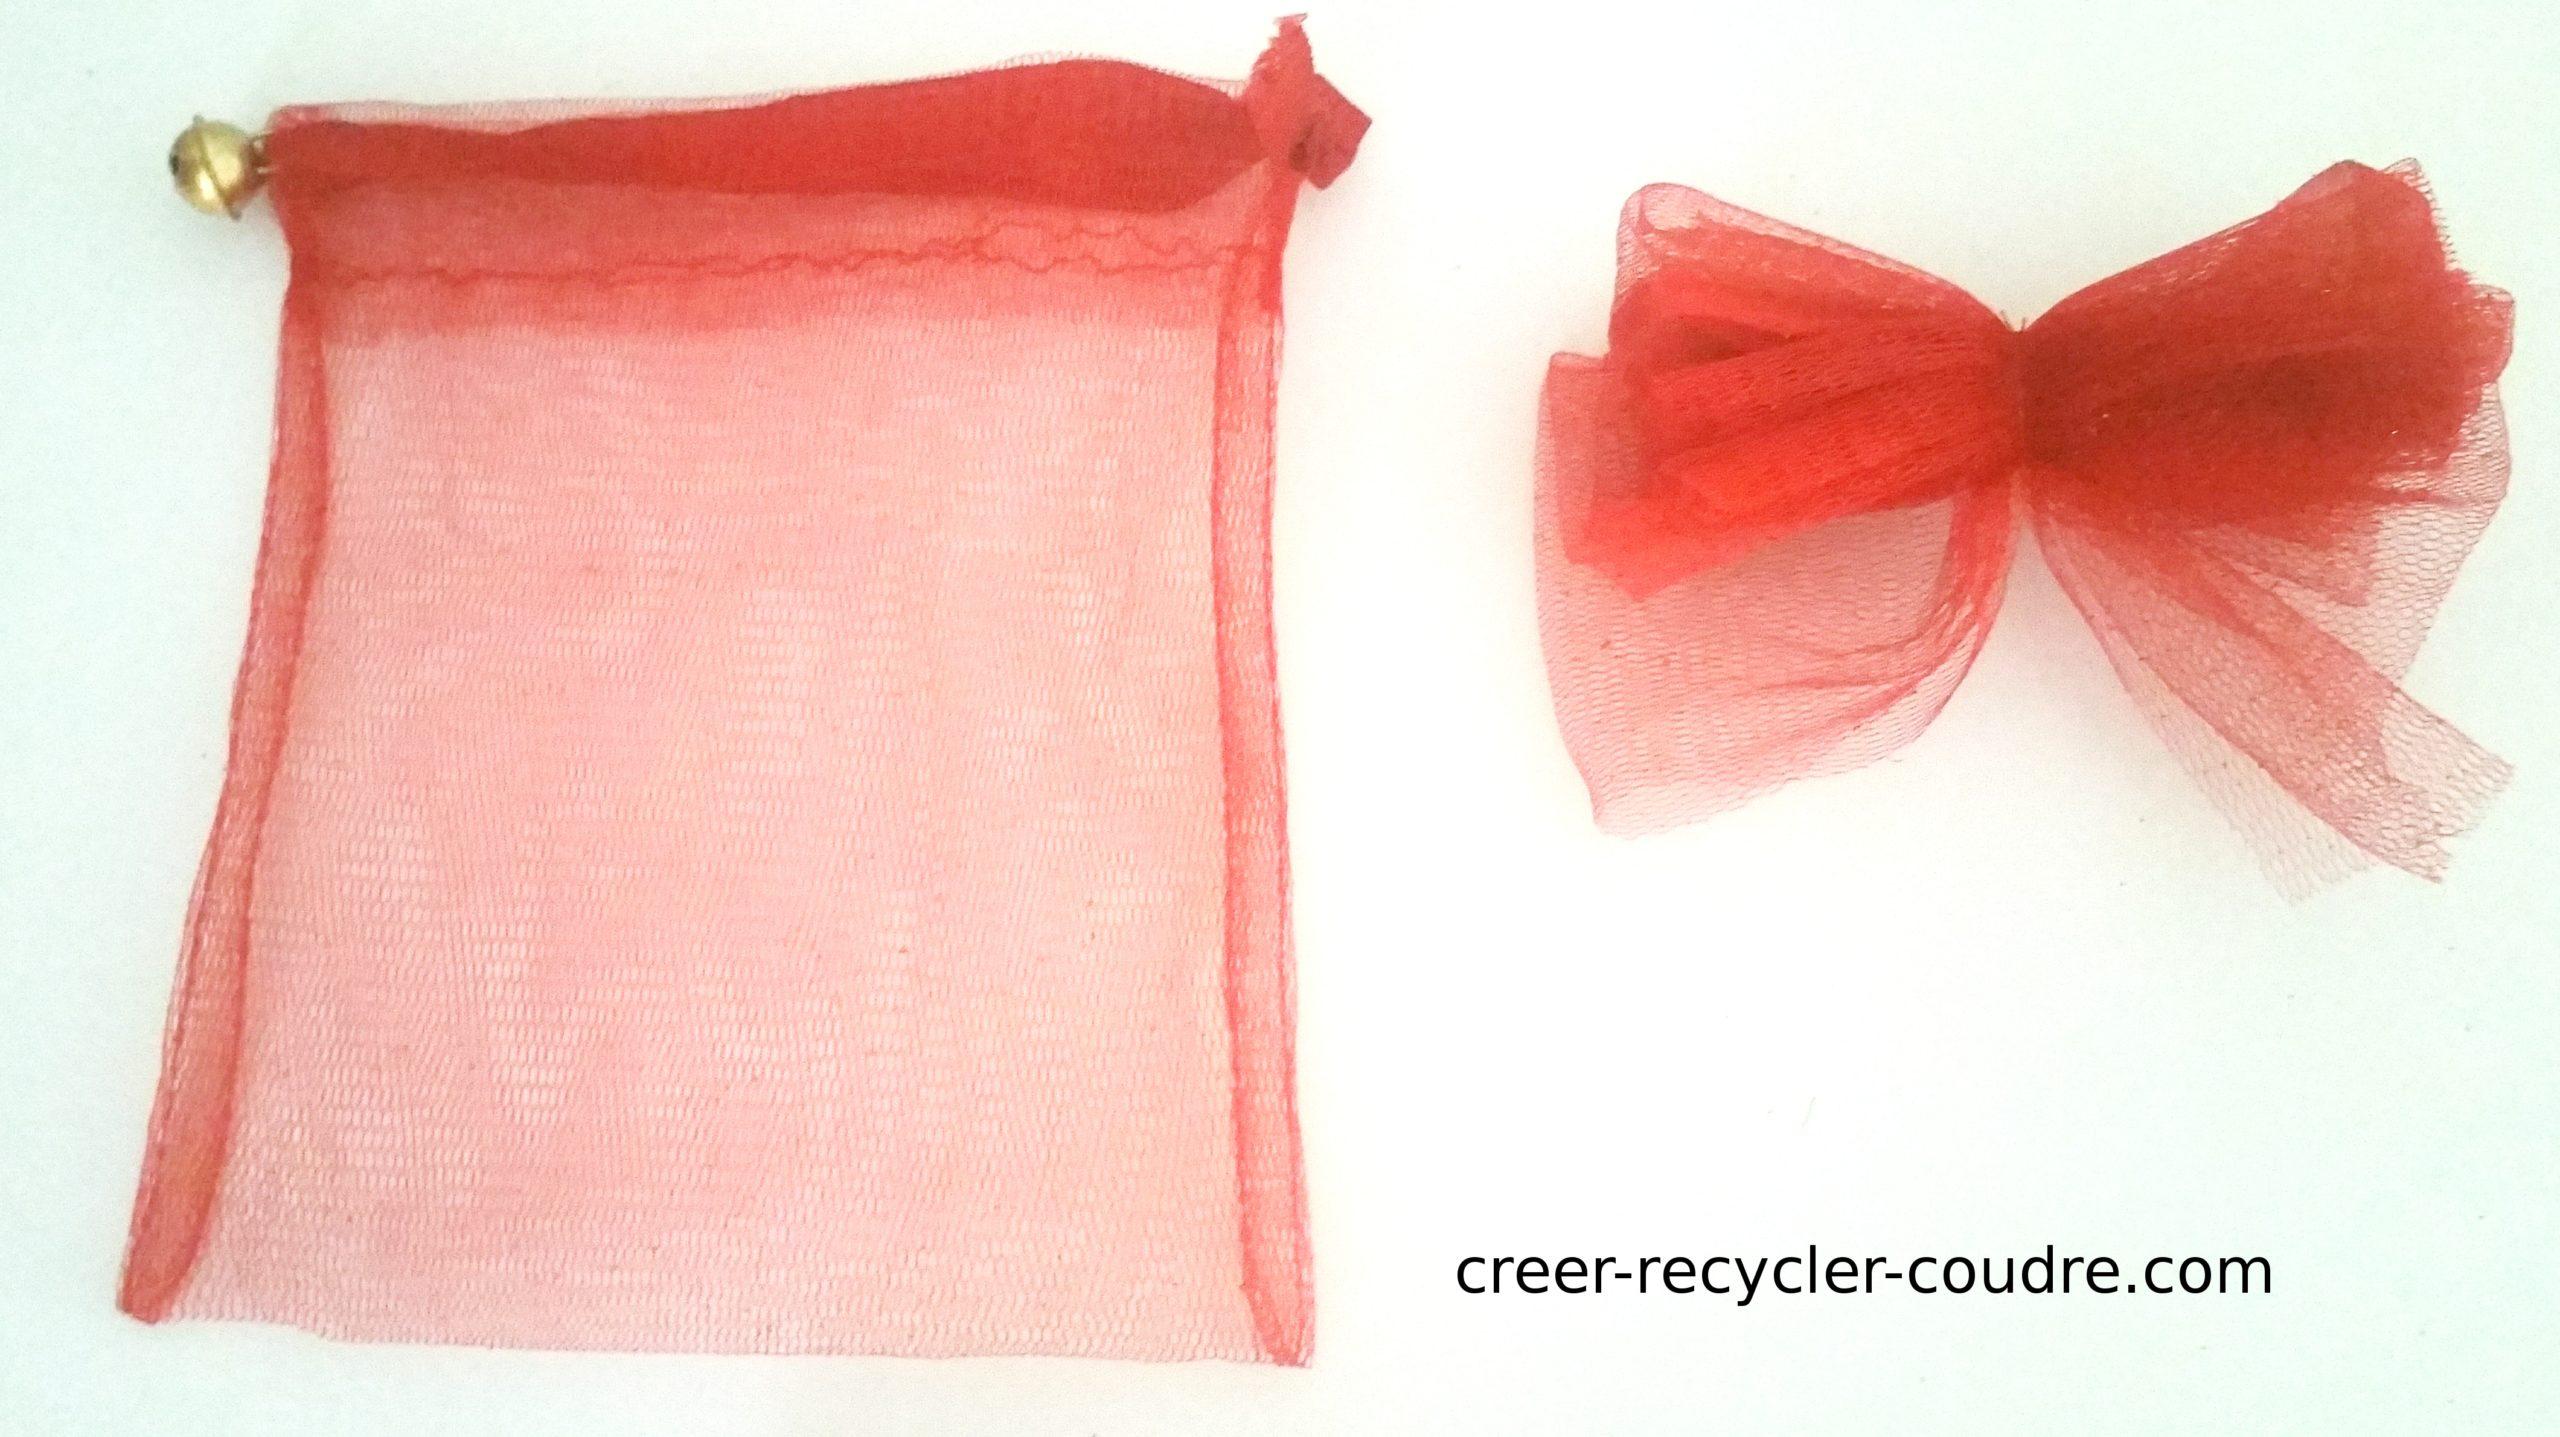 Enrouler le fil autour du ruban pour former un noeud papillon